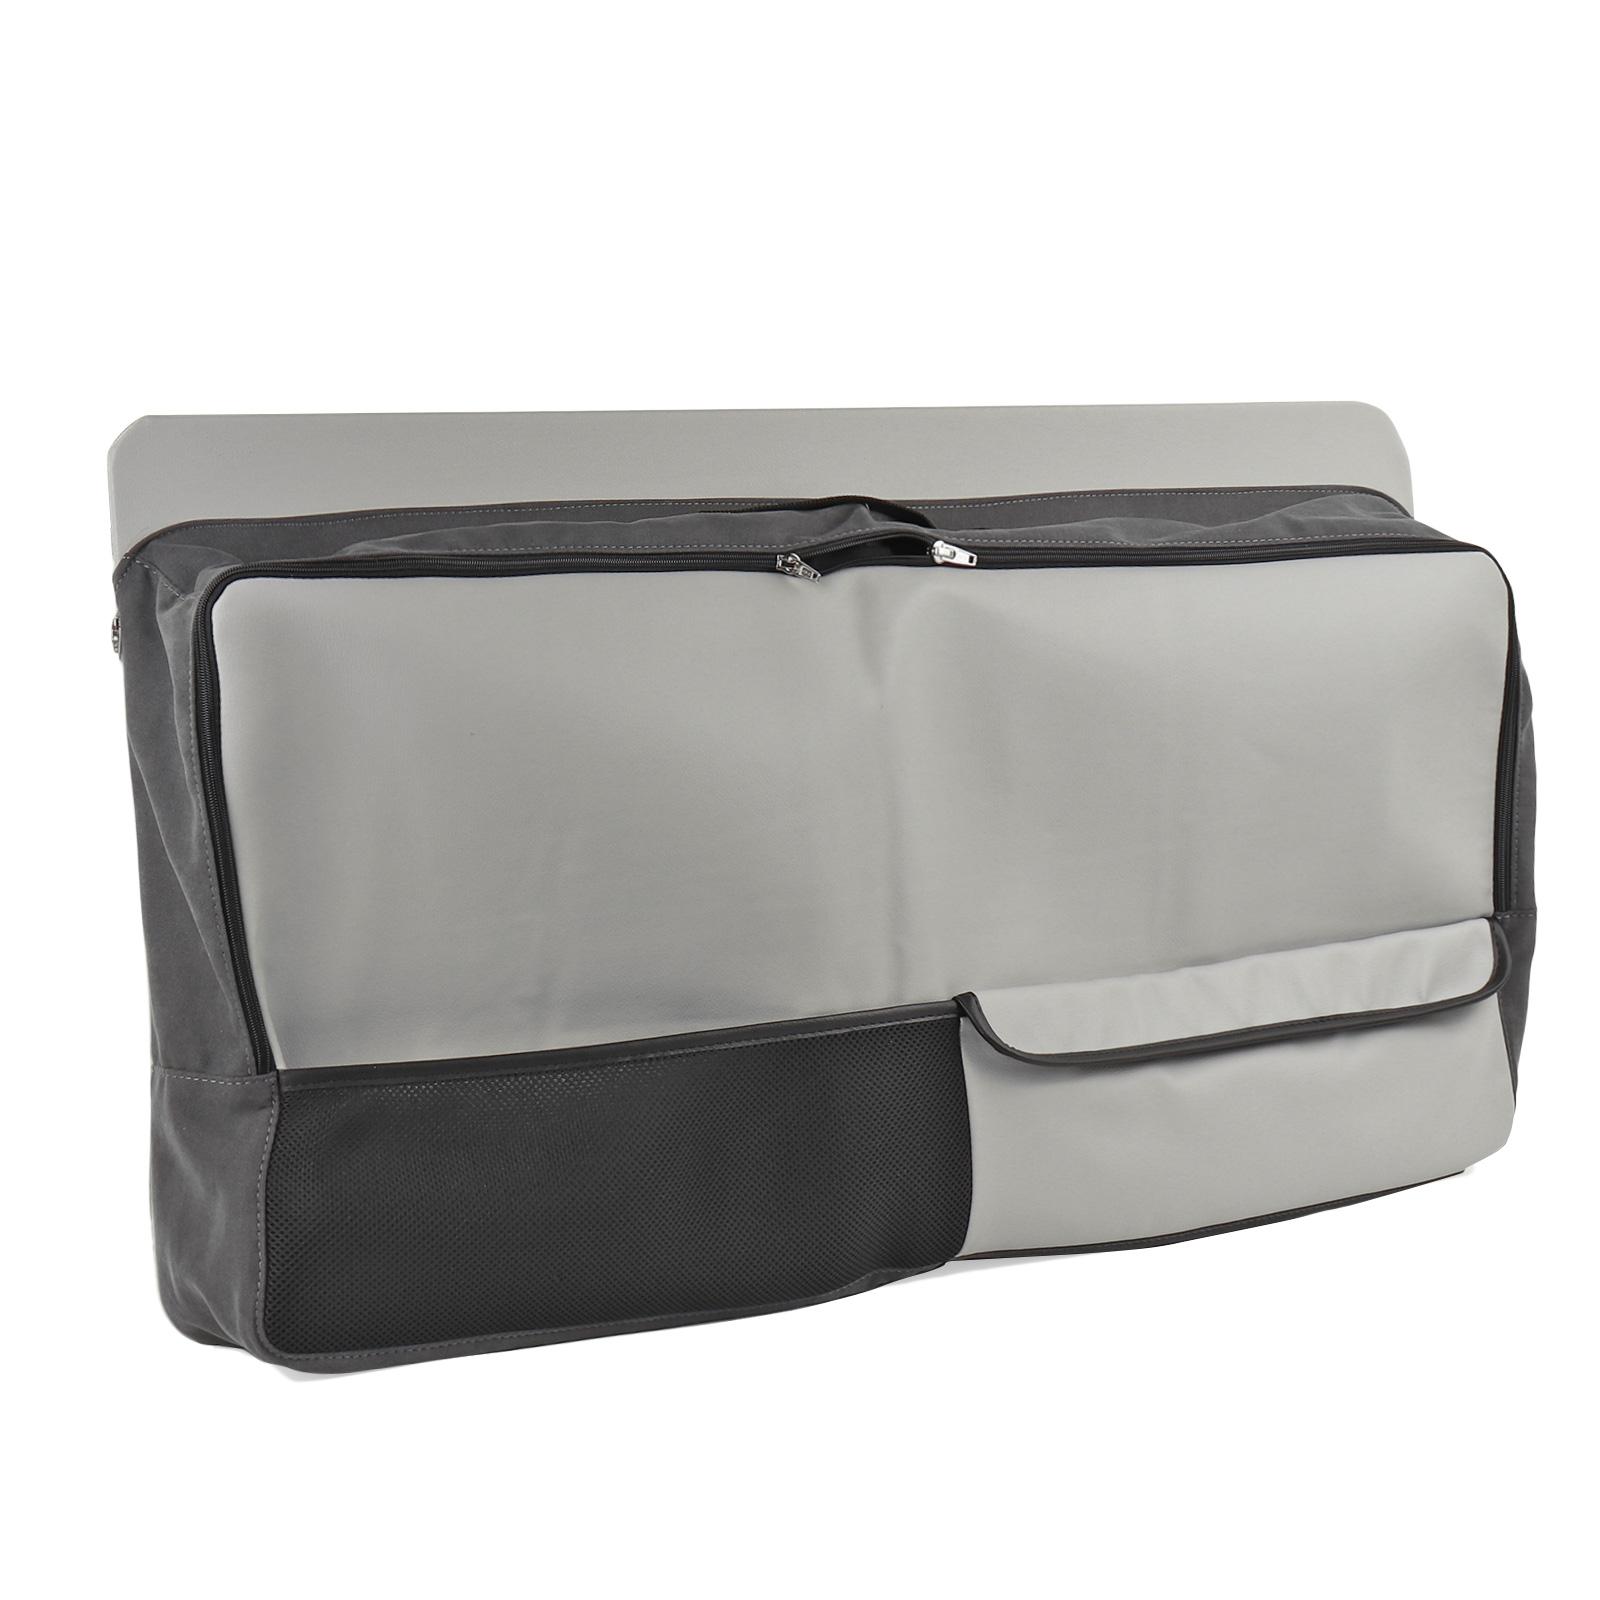 Fenstertasche Utensilientasche Califo Grau passend für VW T5 T6